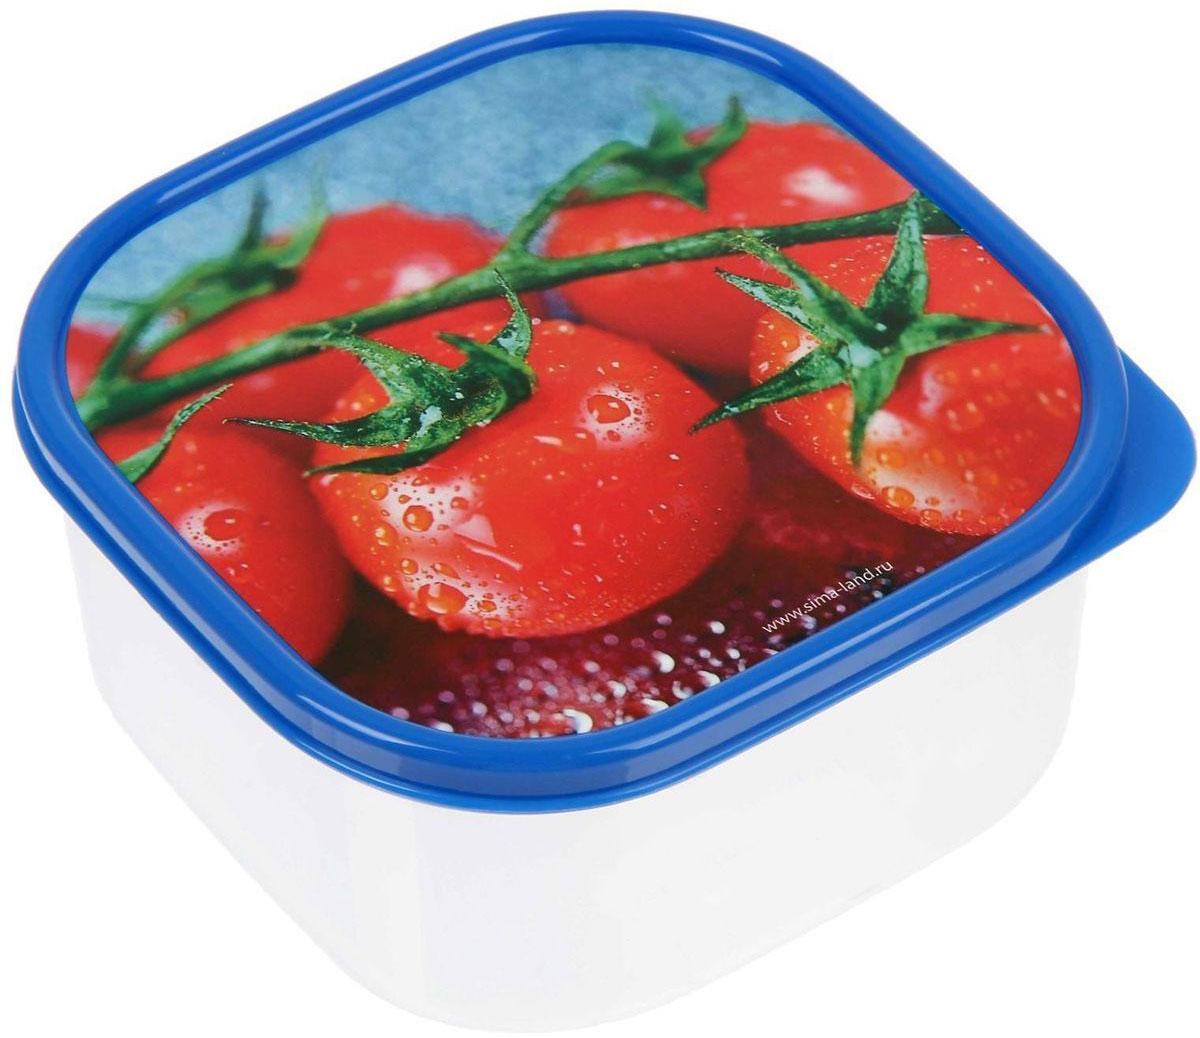 Ланч-бокс Доляна №3, квадратный, 700 мл1333976Ланч-бокс Доляна изготовлен из прочного пищевого пластика. В комплекте прилагается крышка подходящего размера, которая плотно и надежно закрывается, и упрощает процесс транспортировки. Такой контейнер является незаменимым предметом кухонной утвари, ведь у него много преимуществ: Простота ухода. Ланч-бокс достаточно промыть теплой водой с небольшим количеством чистящего средства. Вместительность. Изделие позволяет разместить разнообразные продукты от сахара до супов. Эргономичность. Ланч-боксы очень легко хранить даже в самой маленькой кухне, так как их можно поставить один в другой по принципу матрешки. Многофункциональность. Он пригодится, если после вкусного обеда осталась еда, а насладиться трапезой хочется и на следующий день. Можно использовать не только на кухне, но и для хранения различных бытовых предметов, а также брать с собой еду на работу или учебу. Не использовать пластиковые контейнеры в духовых шкафах и на открытом огне, а также не разогревать в микроволновых печах при закрытой крышке ланч-бокса.